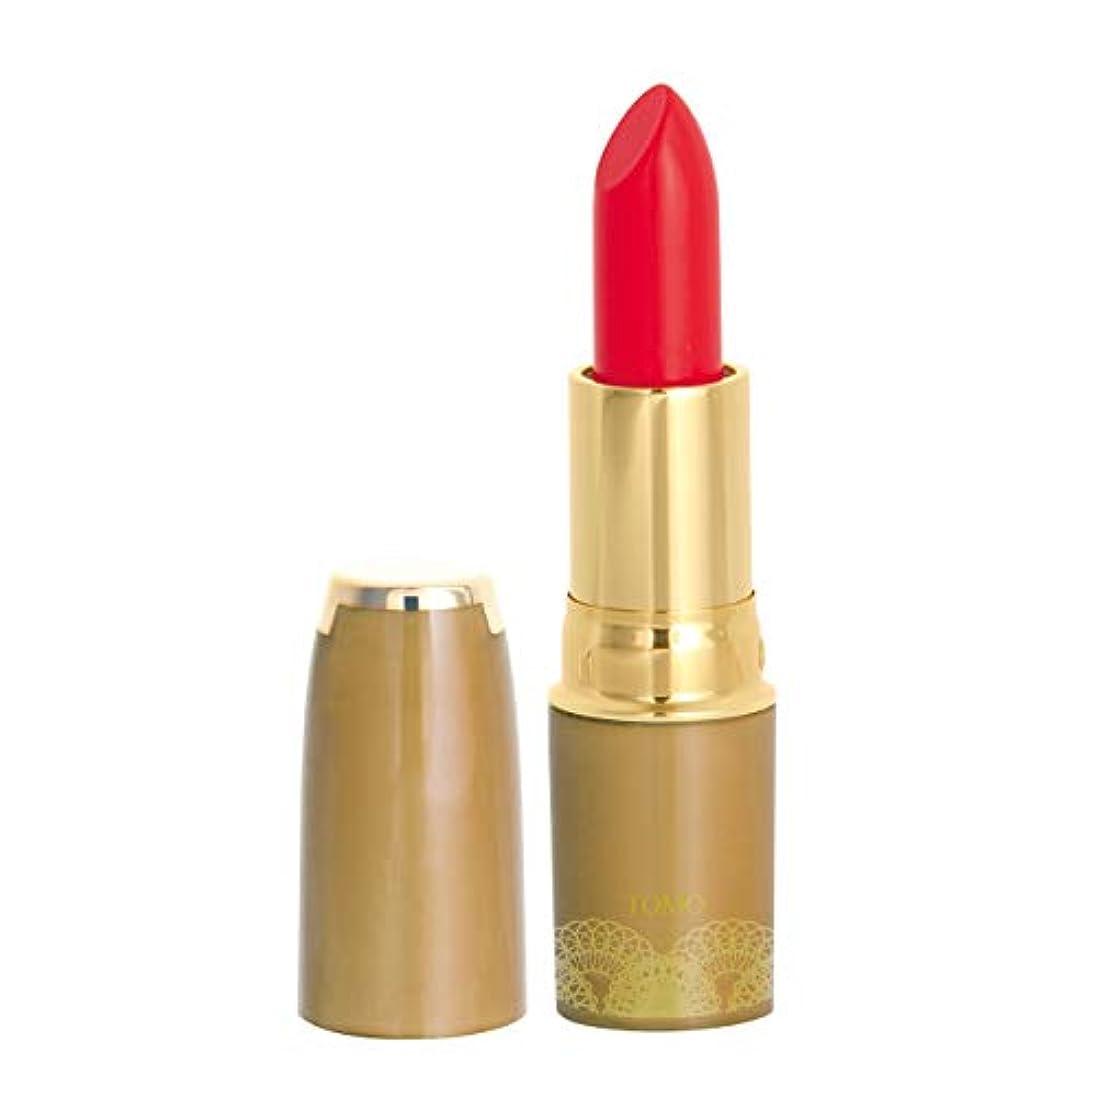 お肉変化オートメーション安心 安全 低刺激 食用色素からできた口紅 ナチュレリップ LC-01 (ブライトレッド) 全6色